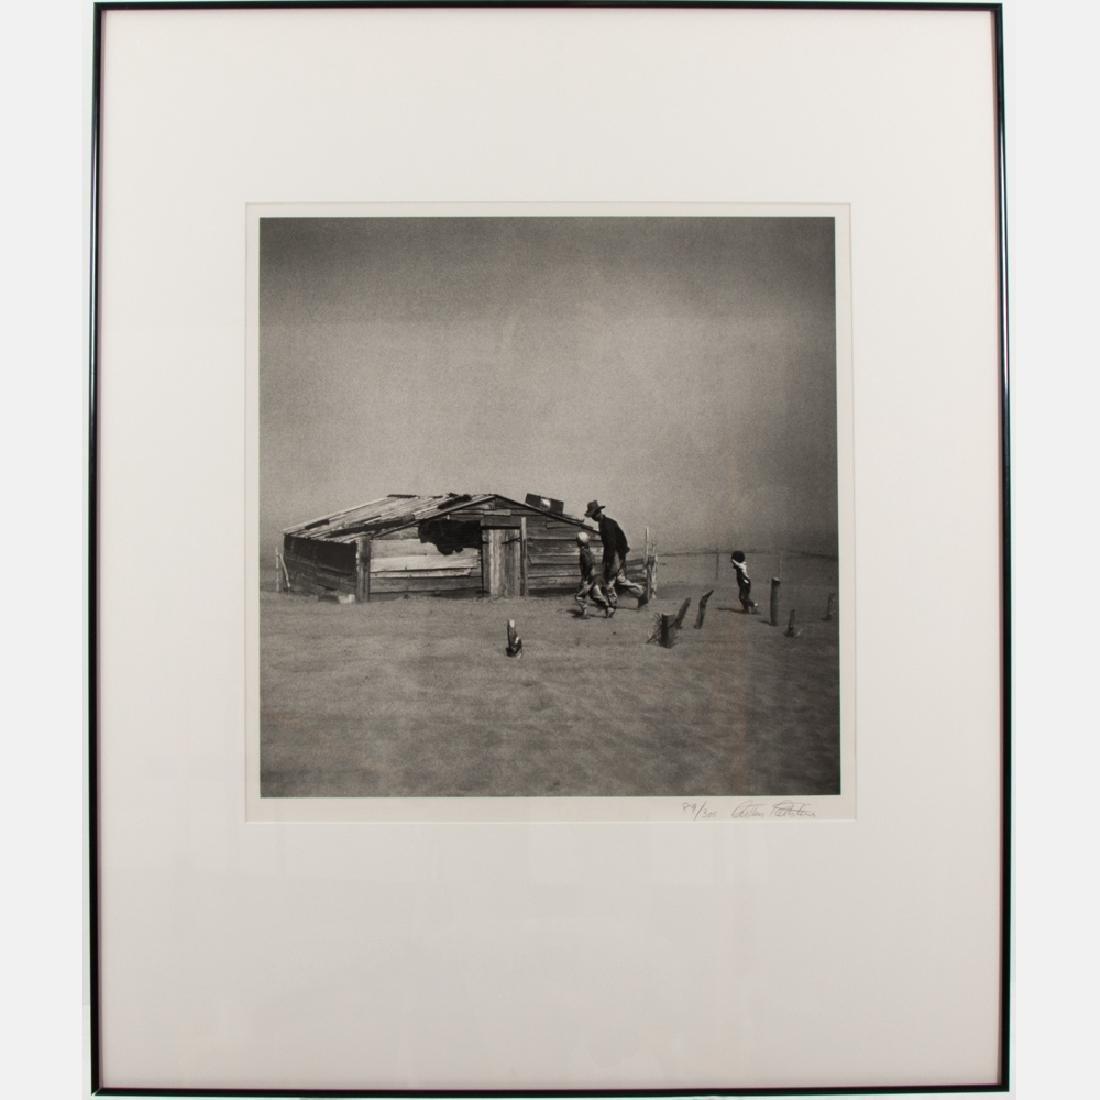 Arthur Rothstein (1915-1985) Dust Storm (Cimarron